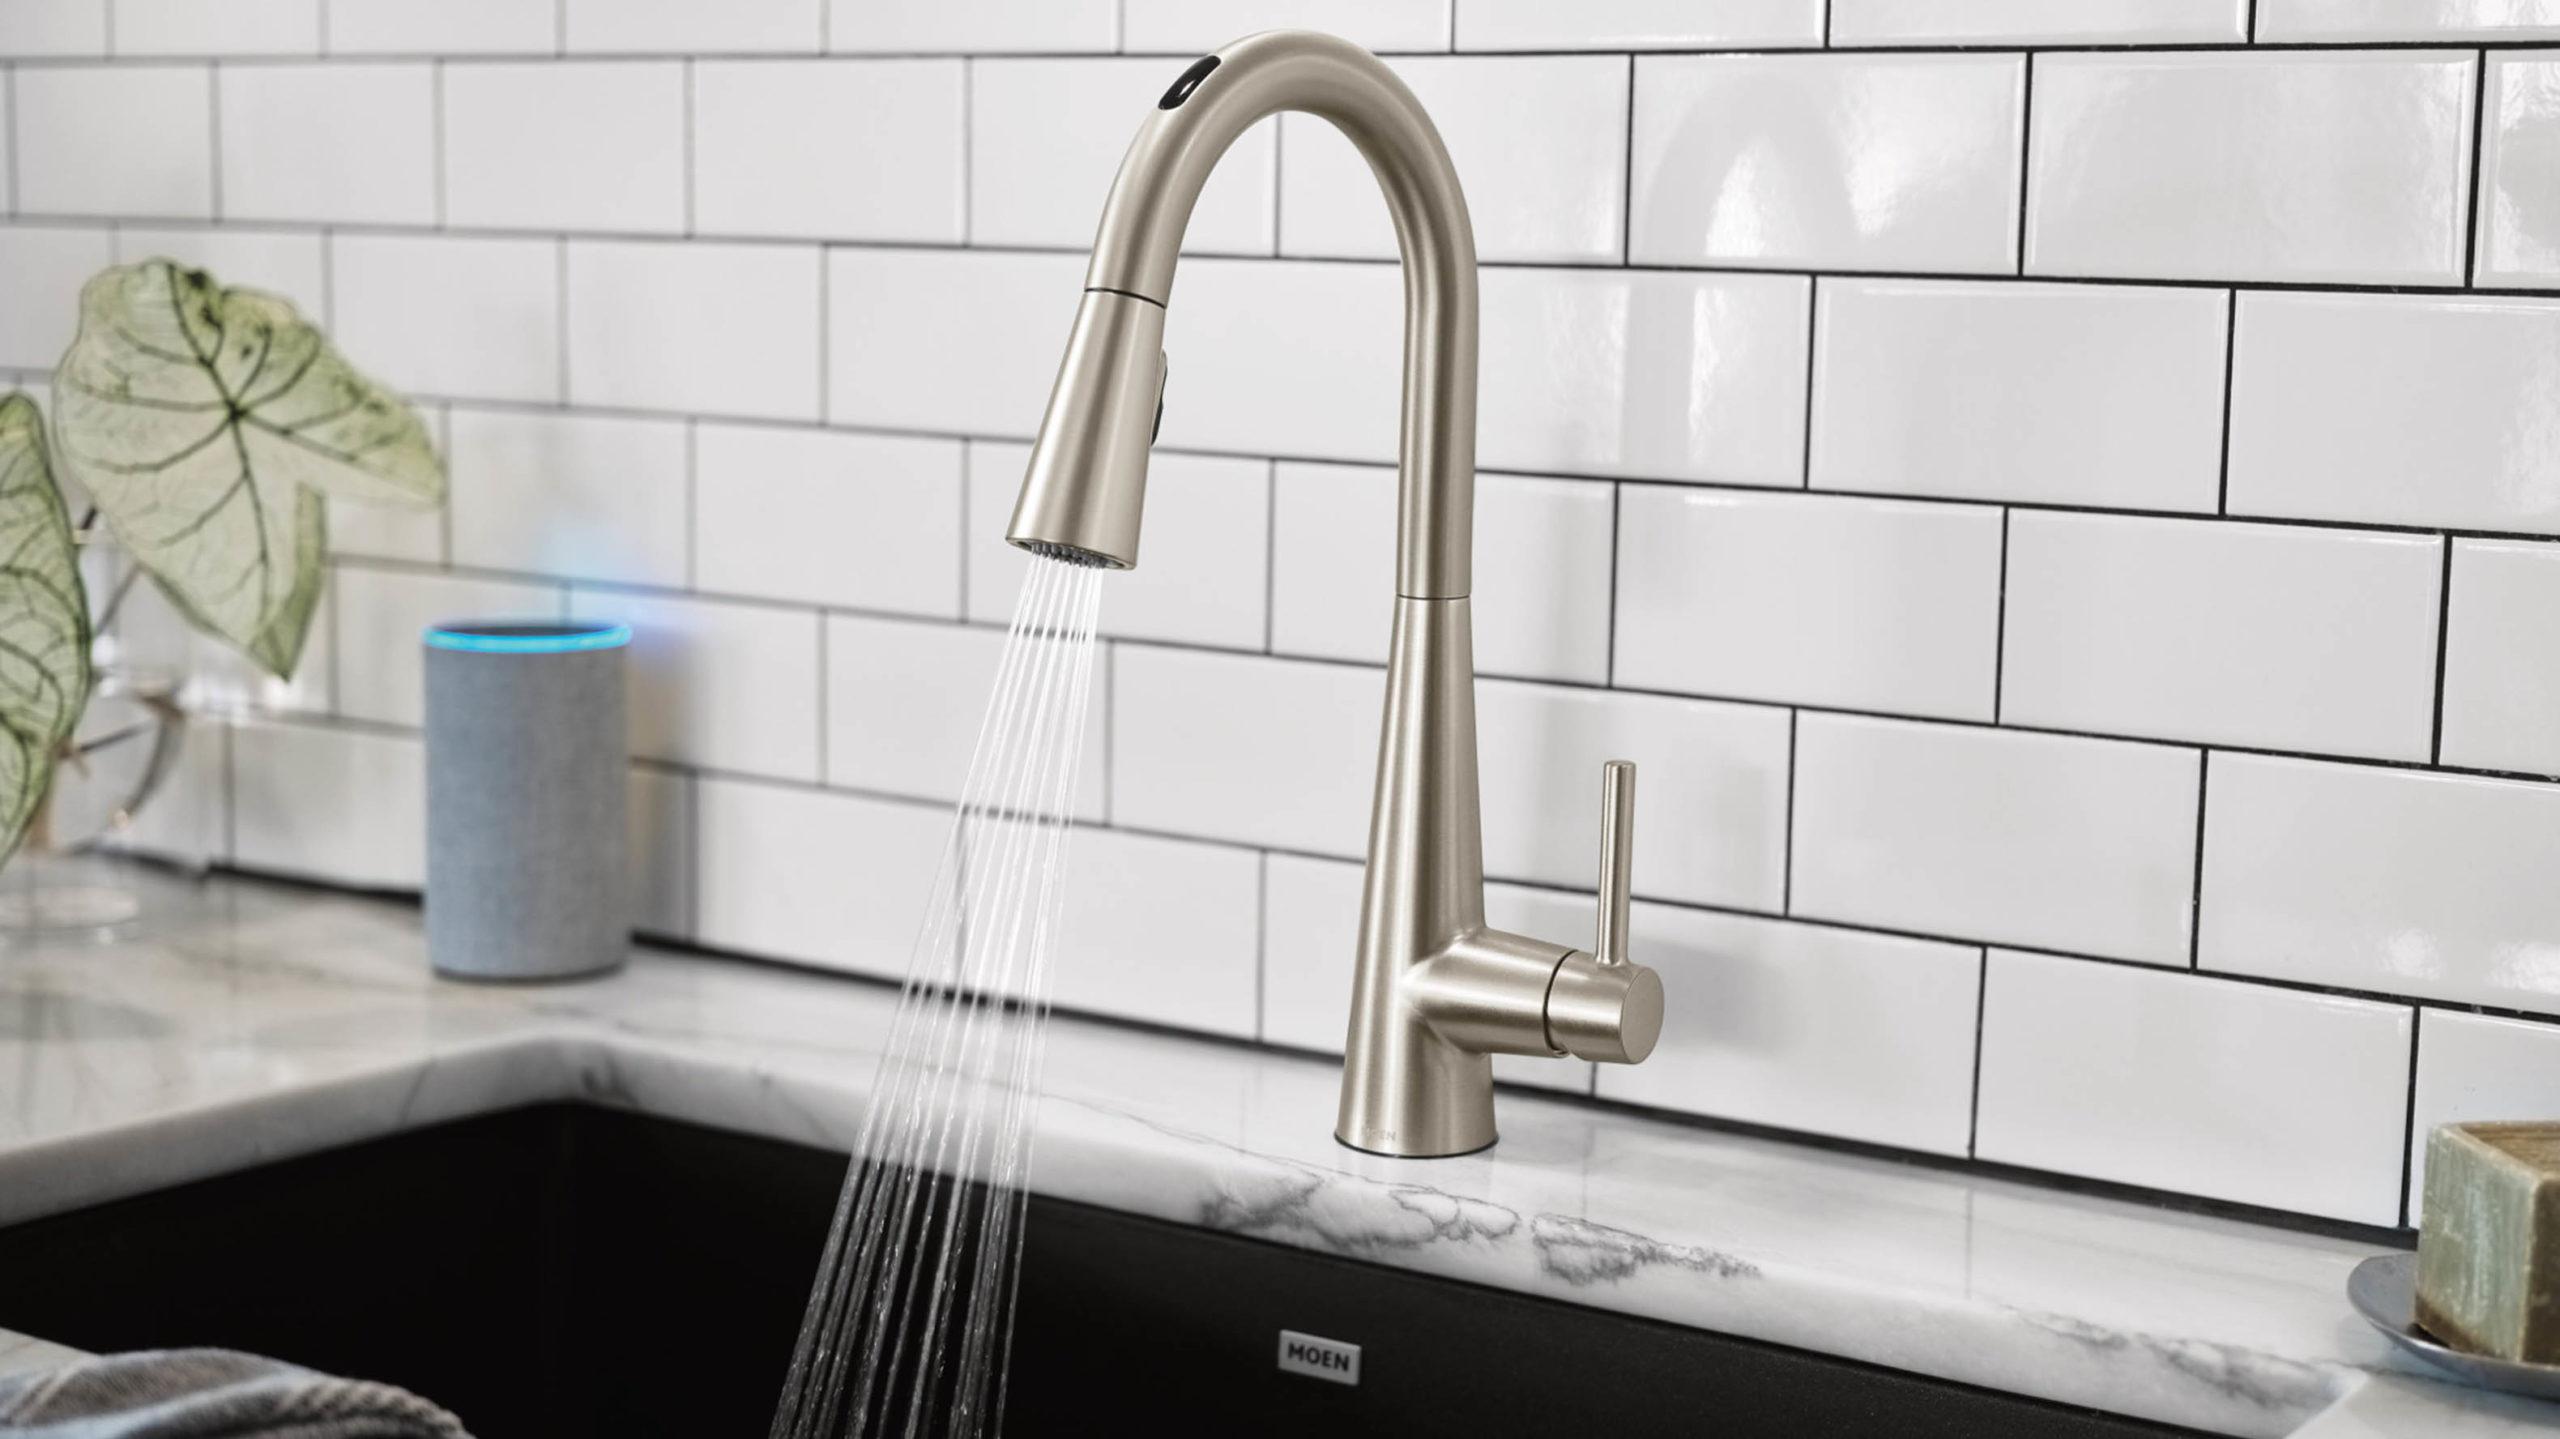 Moen smart faucet